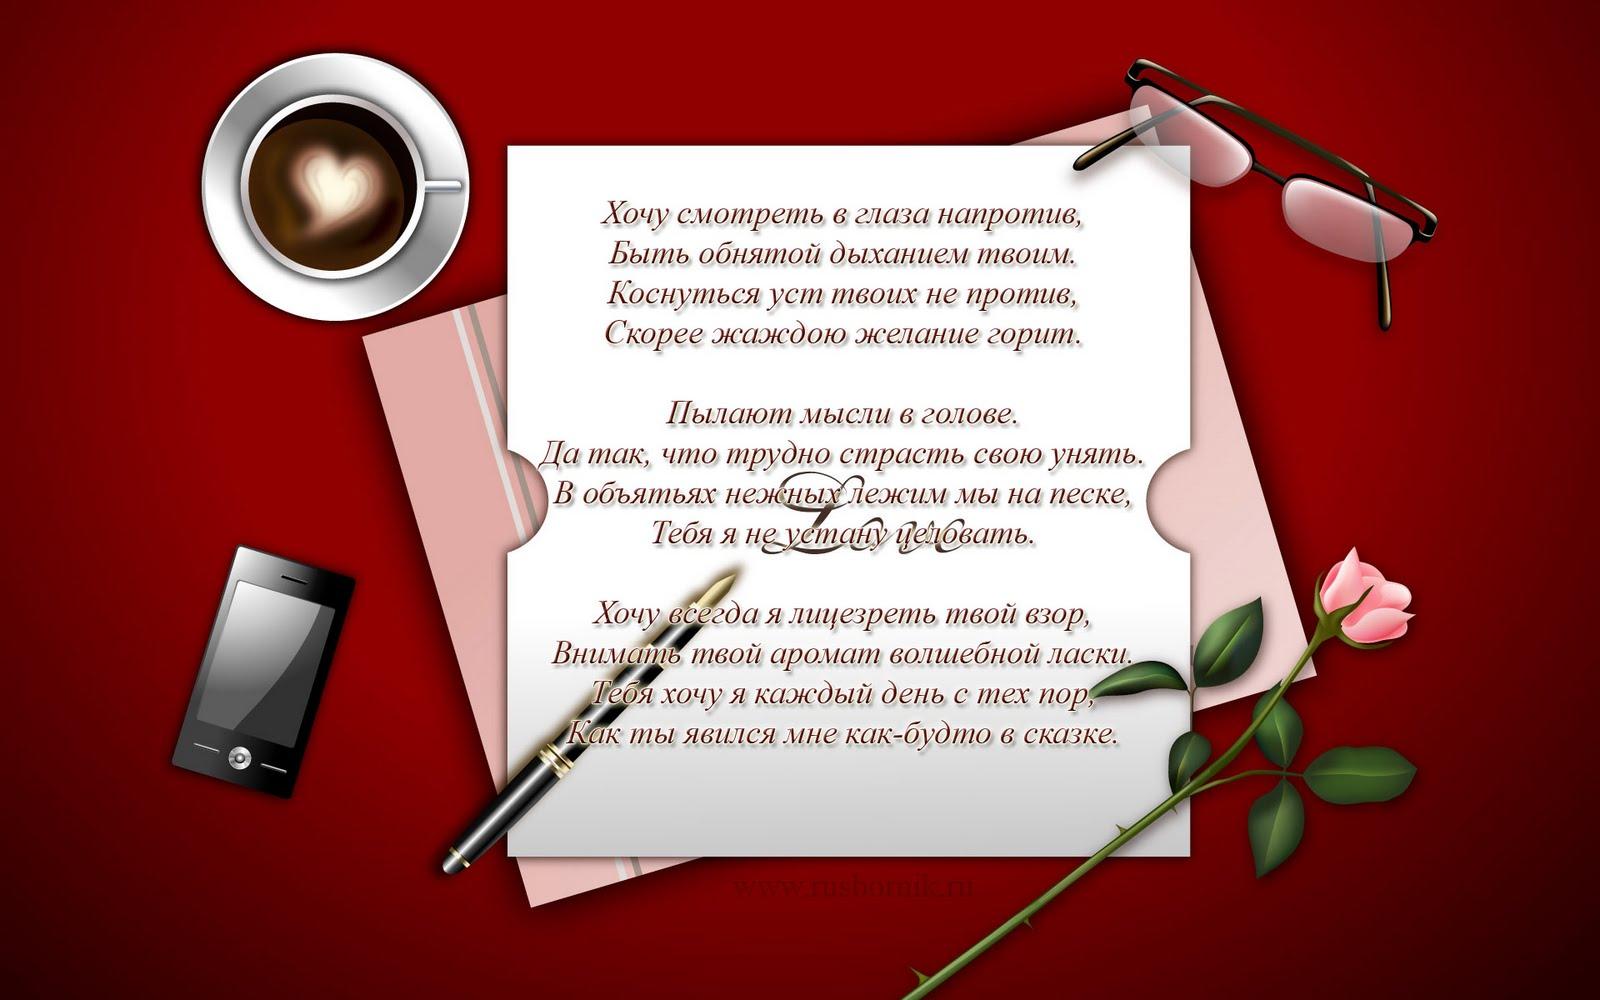 Поздравления любовнику своими словами